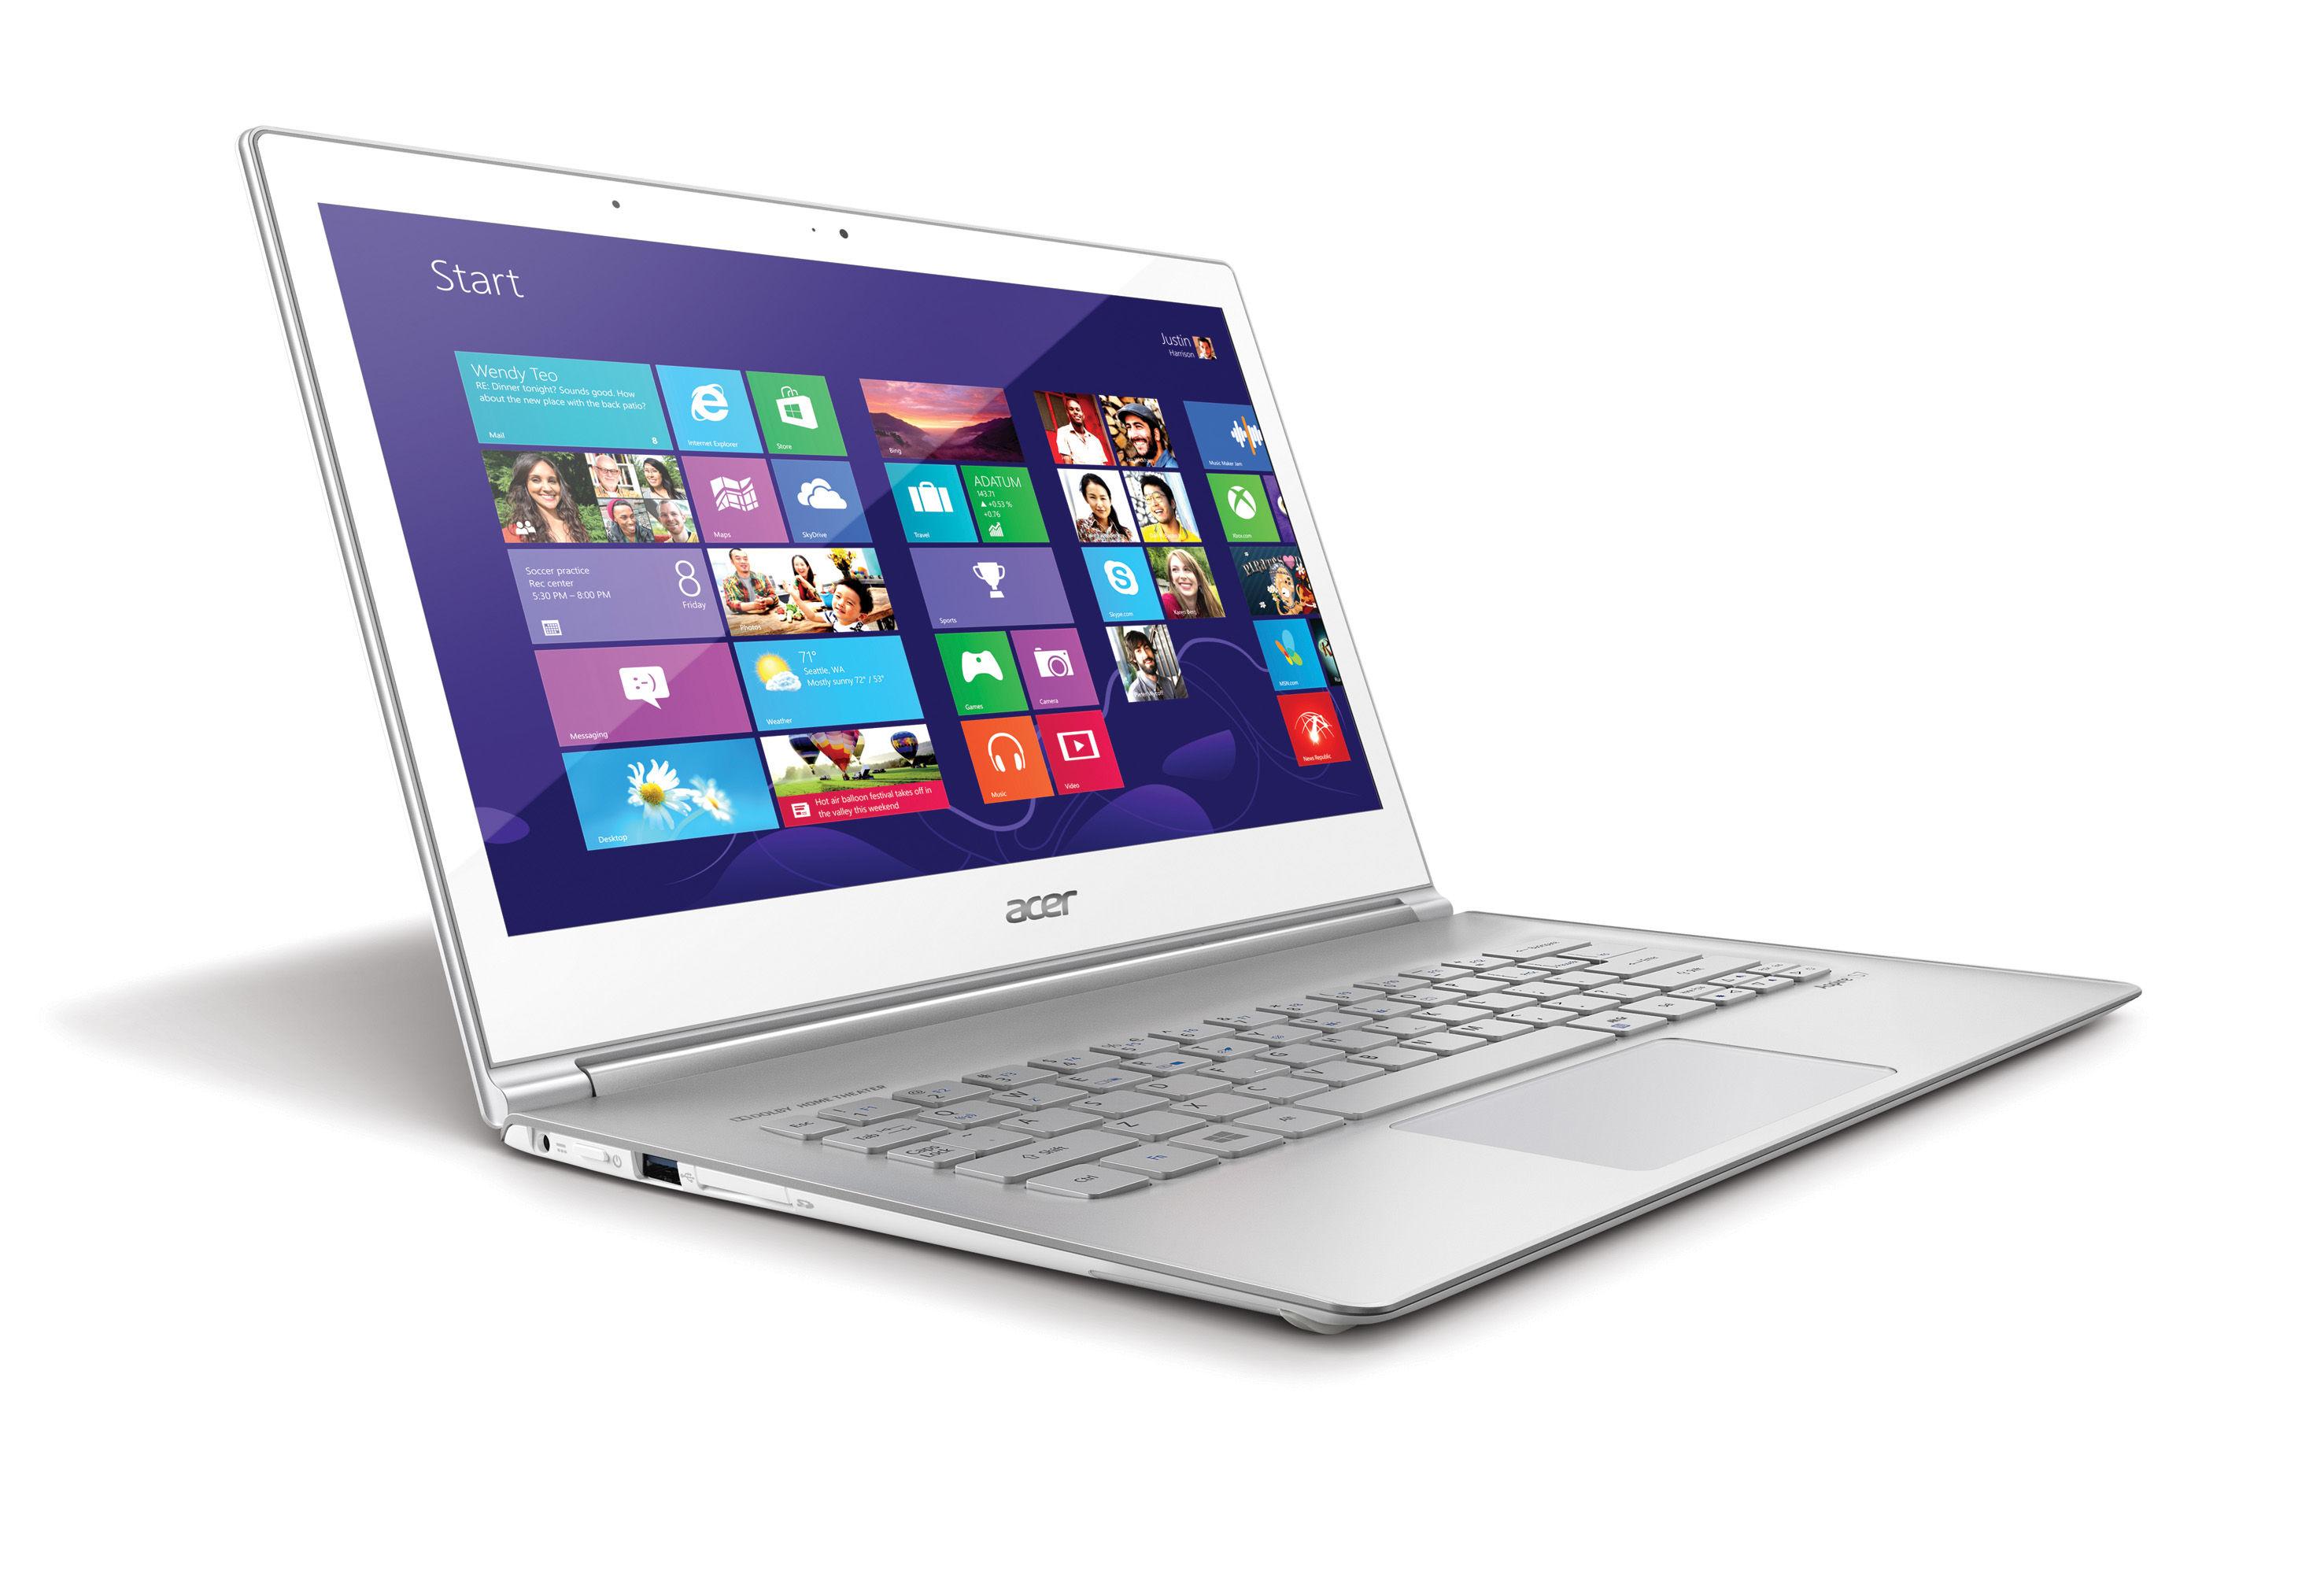 Acer na Computex 2013: ultrabooki w nowej odsłonie